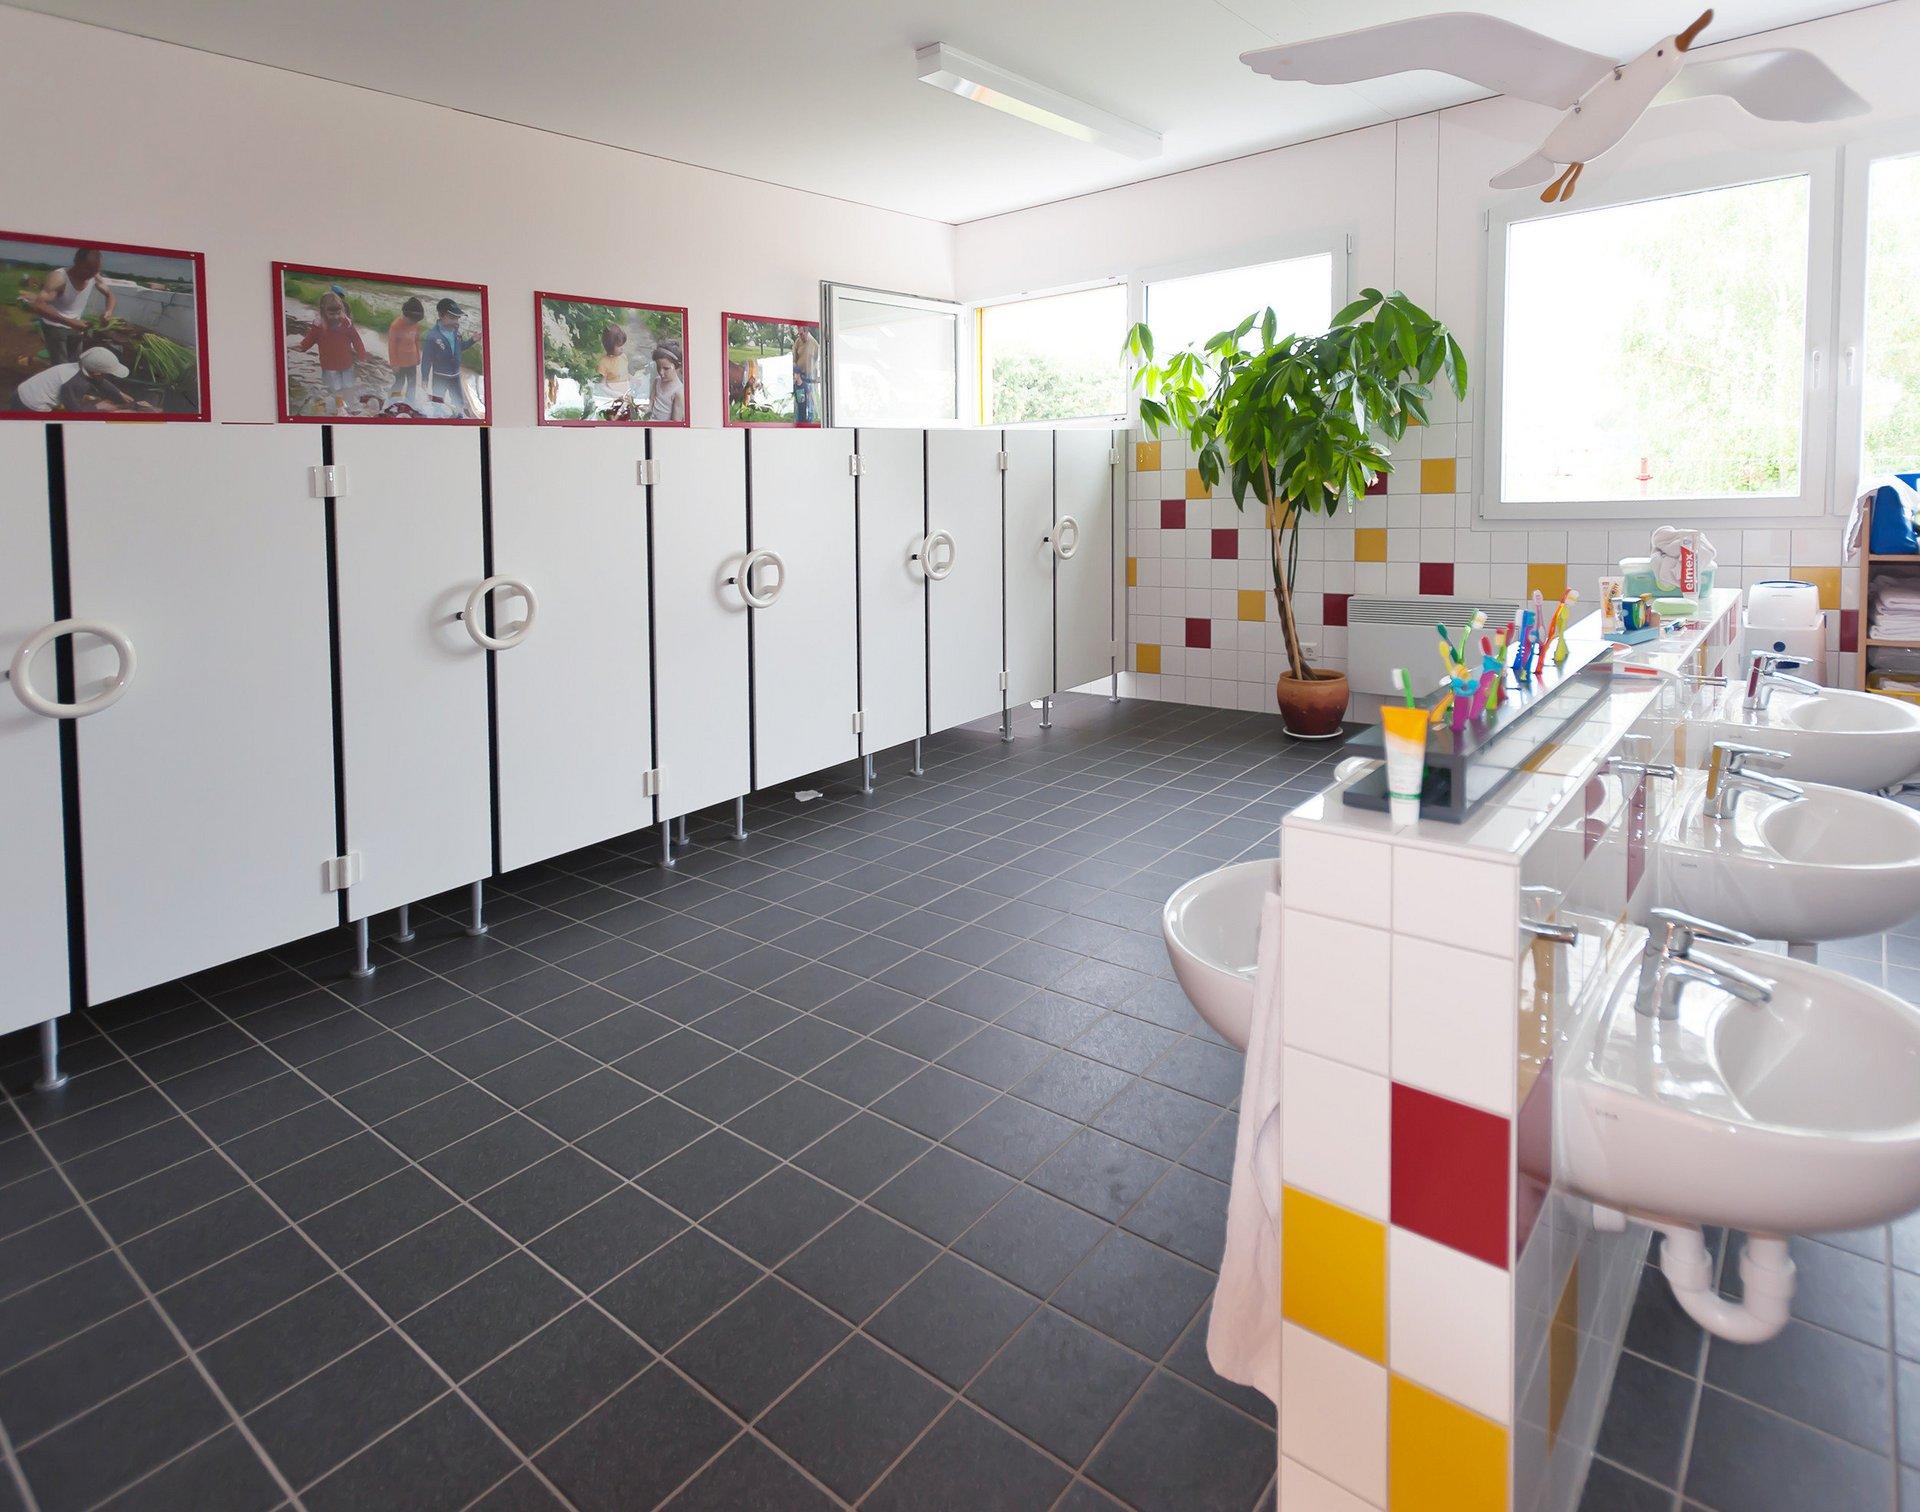 Sanitäre Anlagen für Kleinkinder in nachhaltiger Gebäudelösung